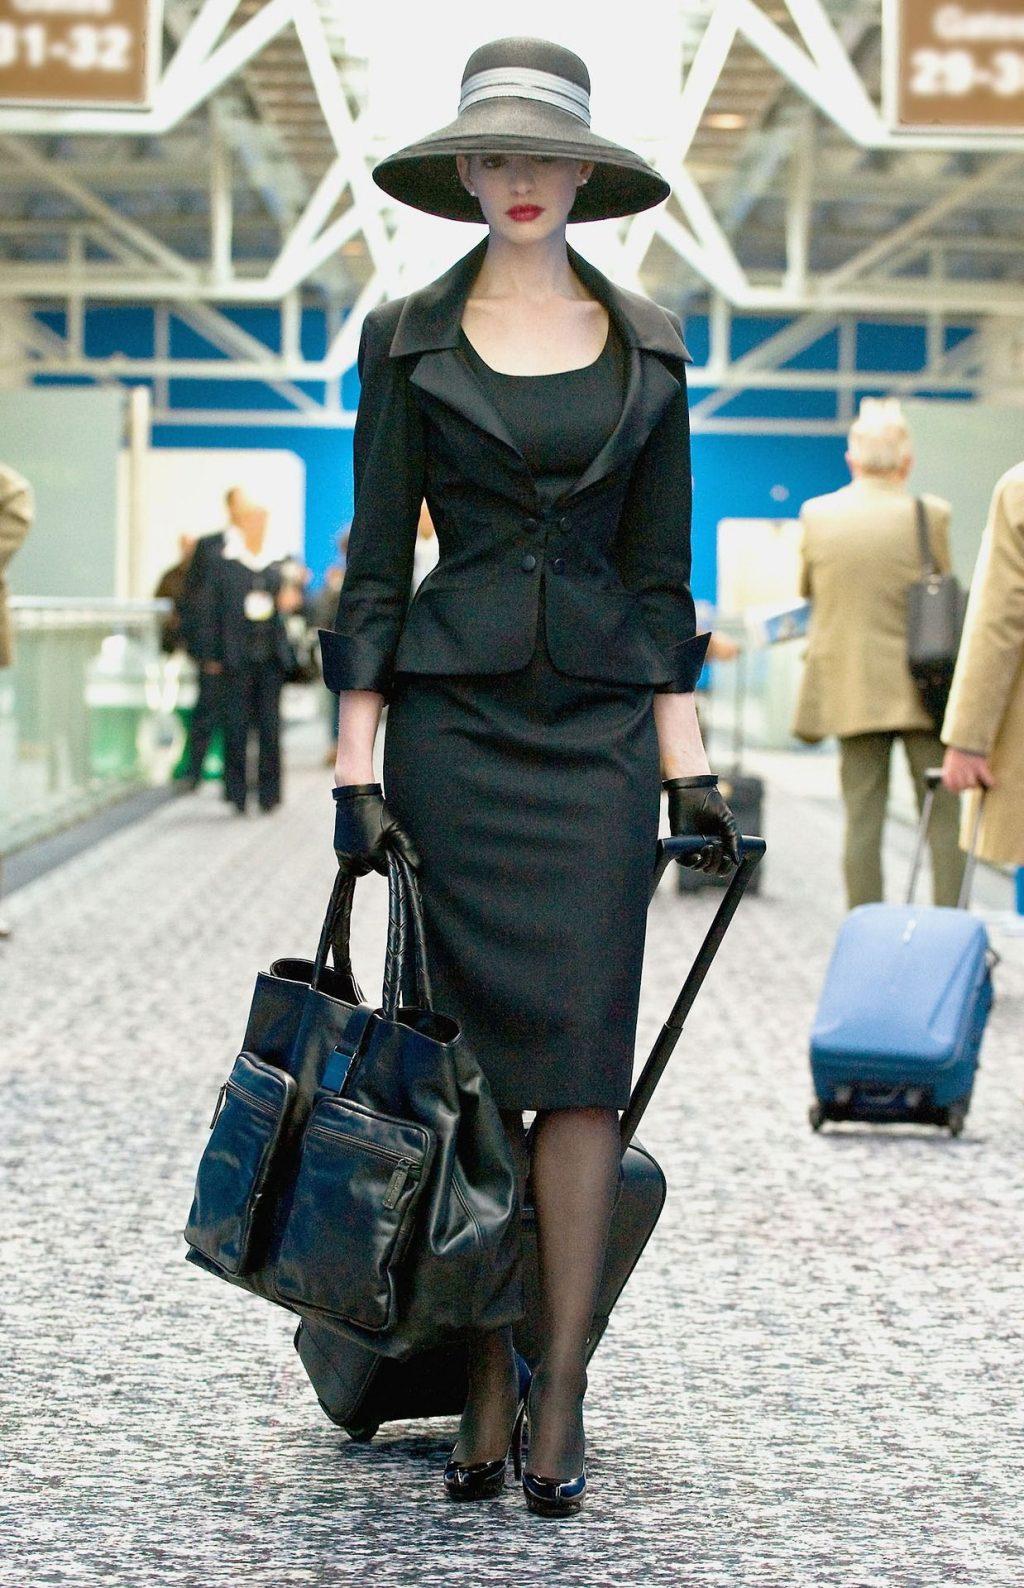 phong cách thời trang của bạn giống với nhân vật nữ siêu anh hùng nào 2